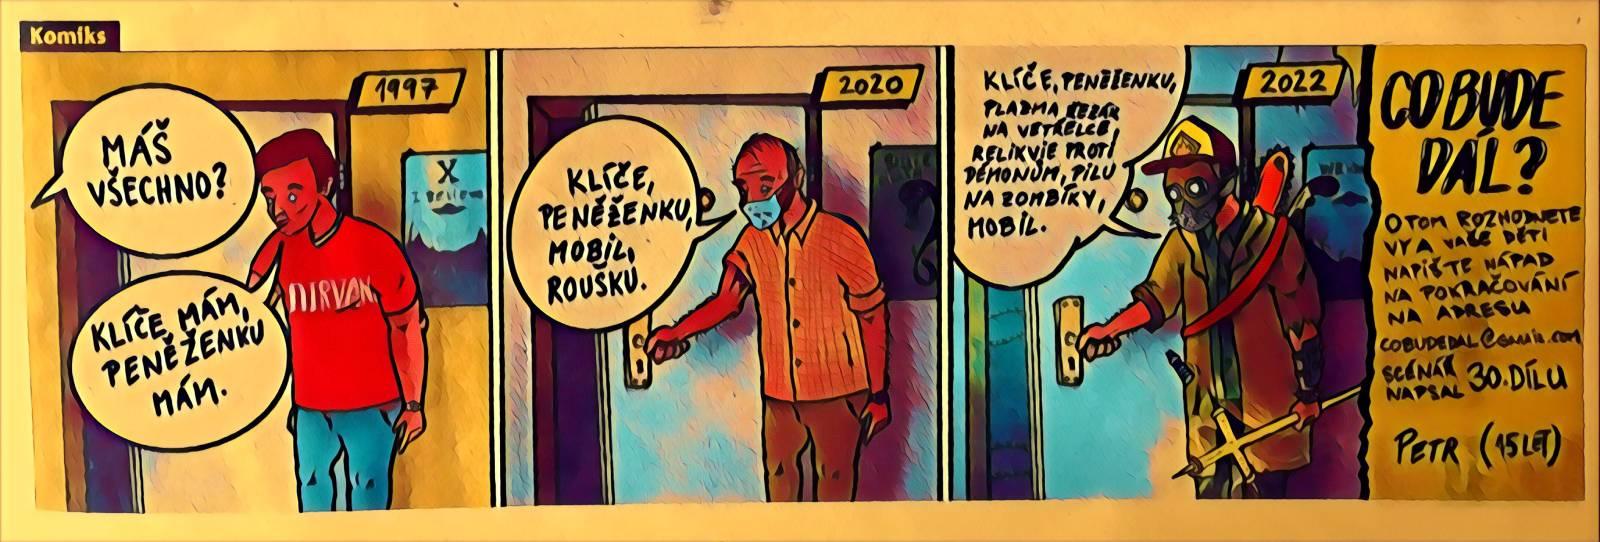 Komiks z novin Metro